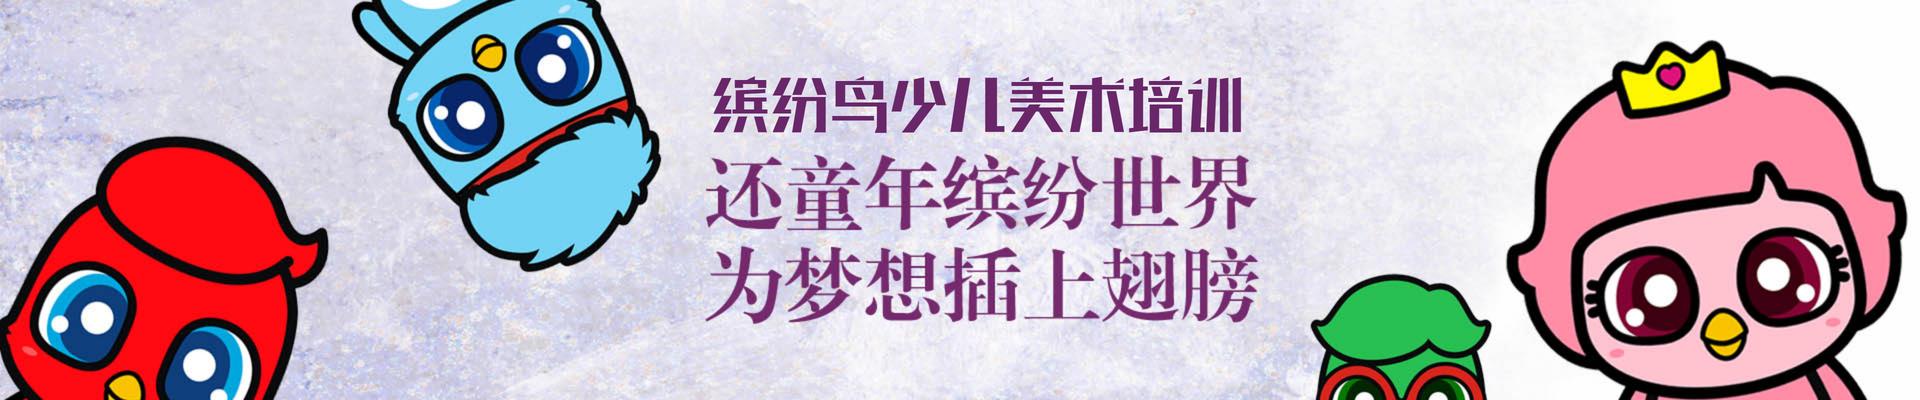 北京苏州街缤纷鸟美术教育培训